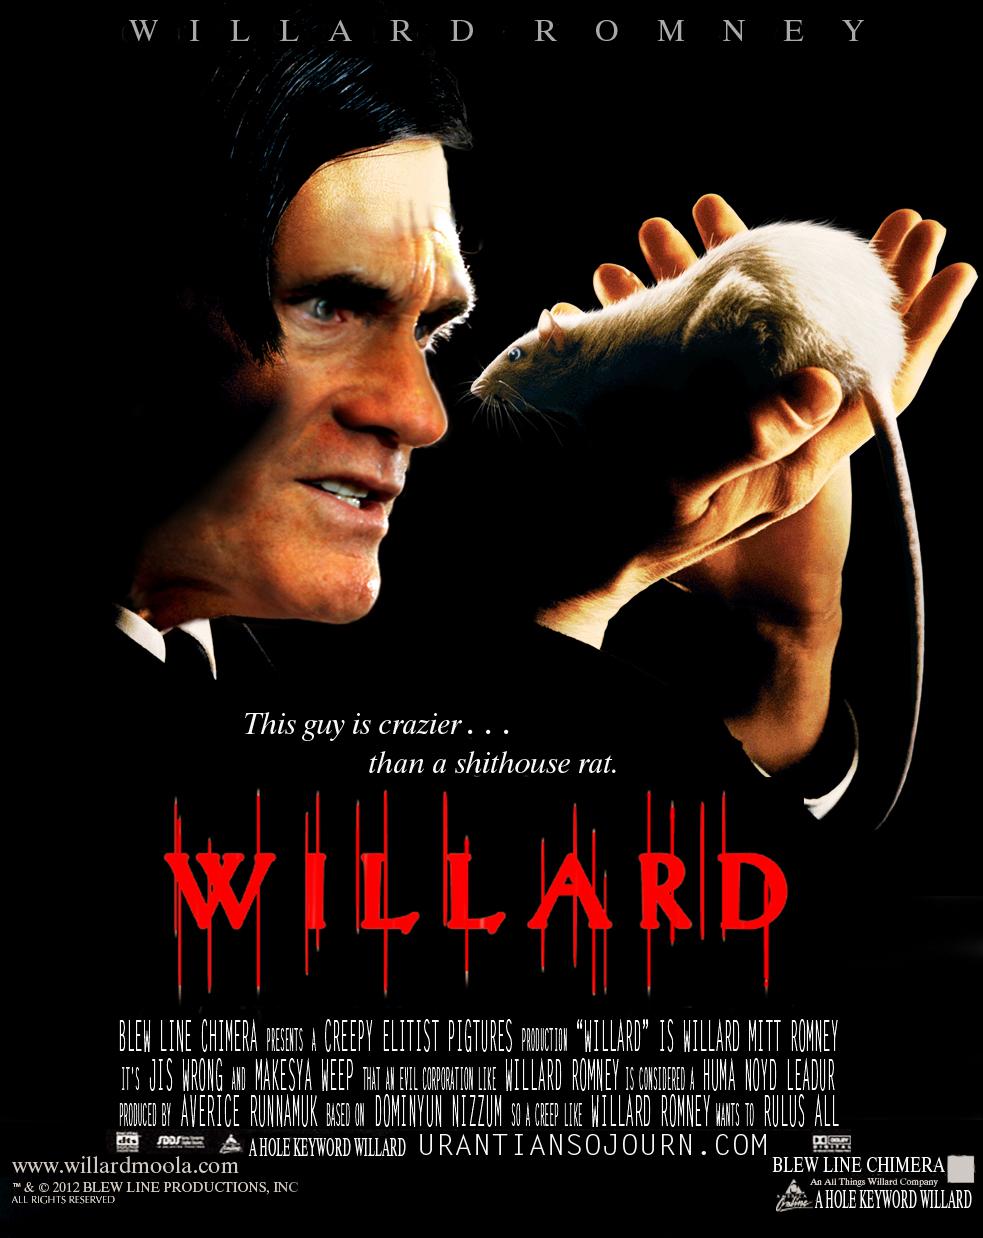 WILLARD (Update)